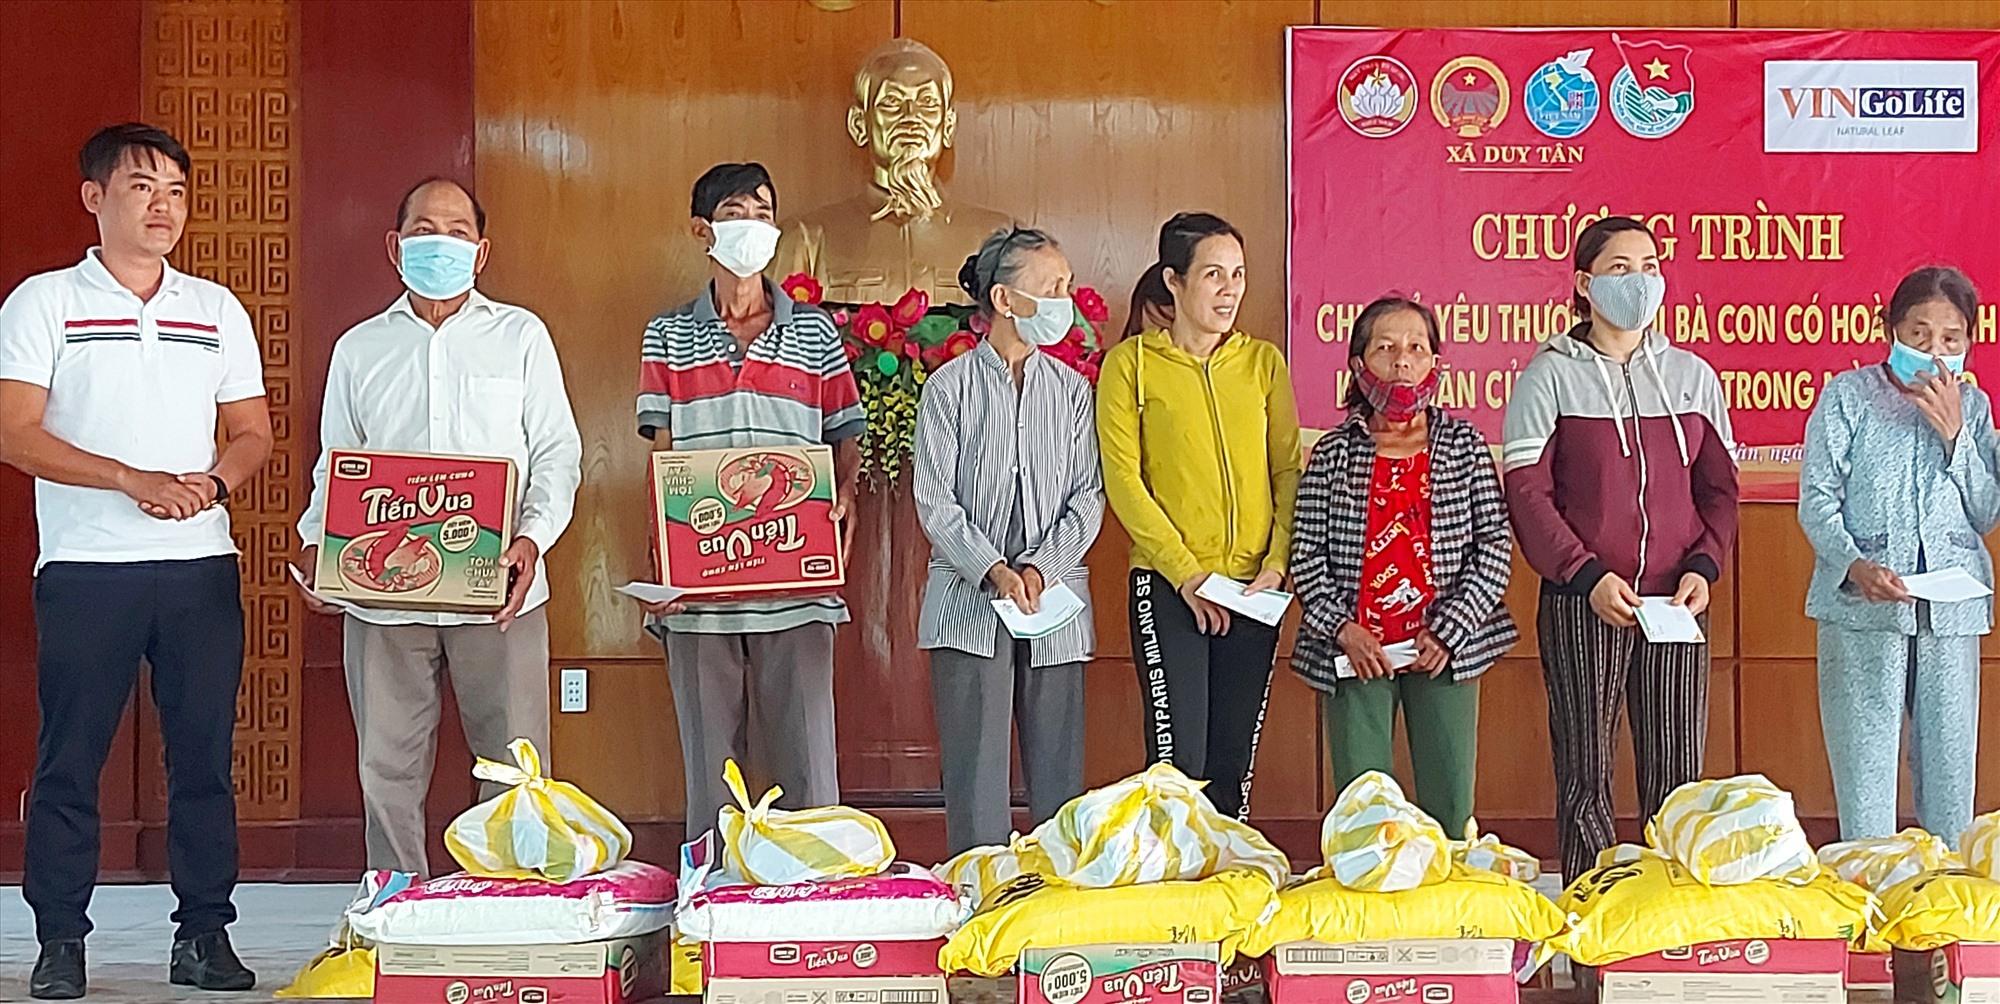 Công ty sơn VinGoLife tặng 20 suất quà cho bà con nghèo tàn tật xã Duy Tân( Duy Xuyên). Ảnh Lê A Dũng